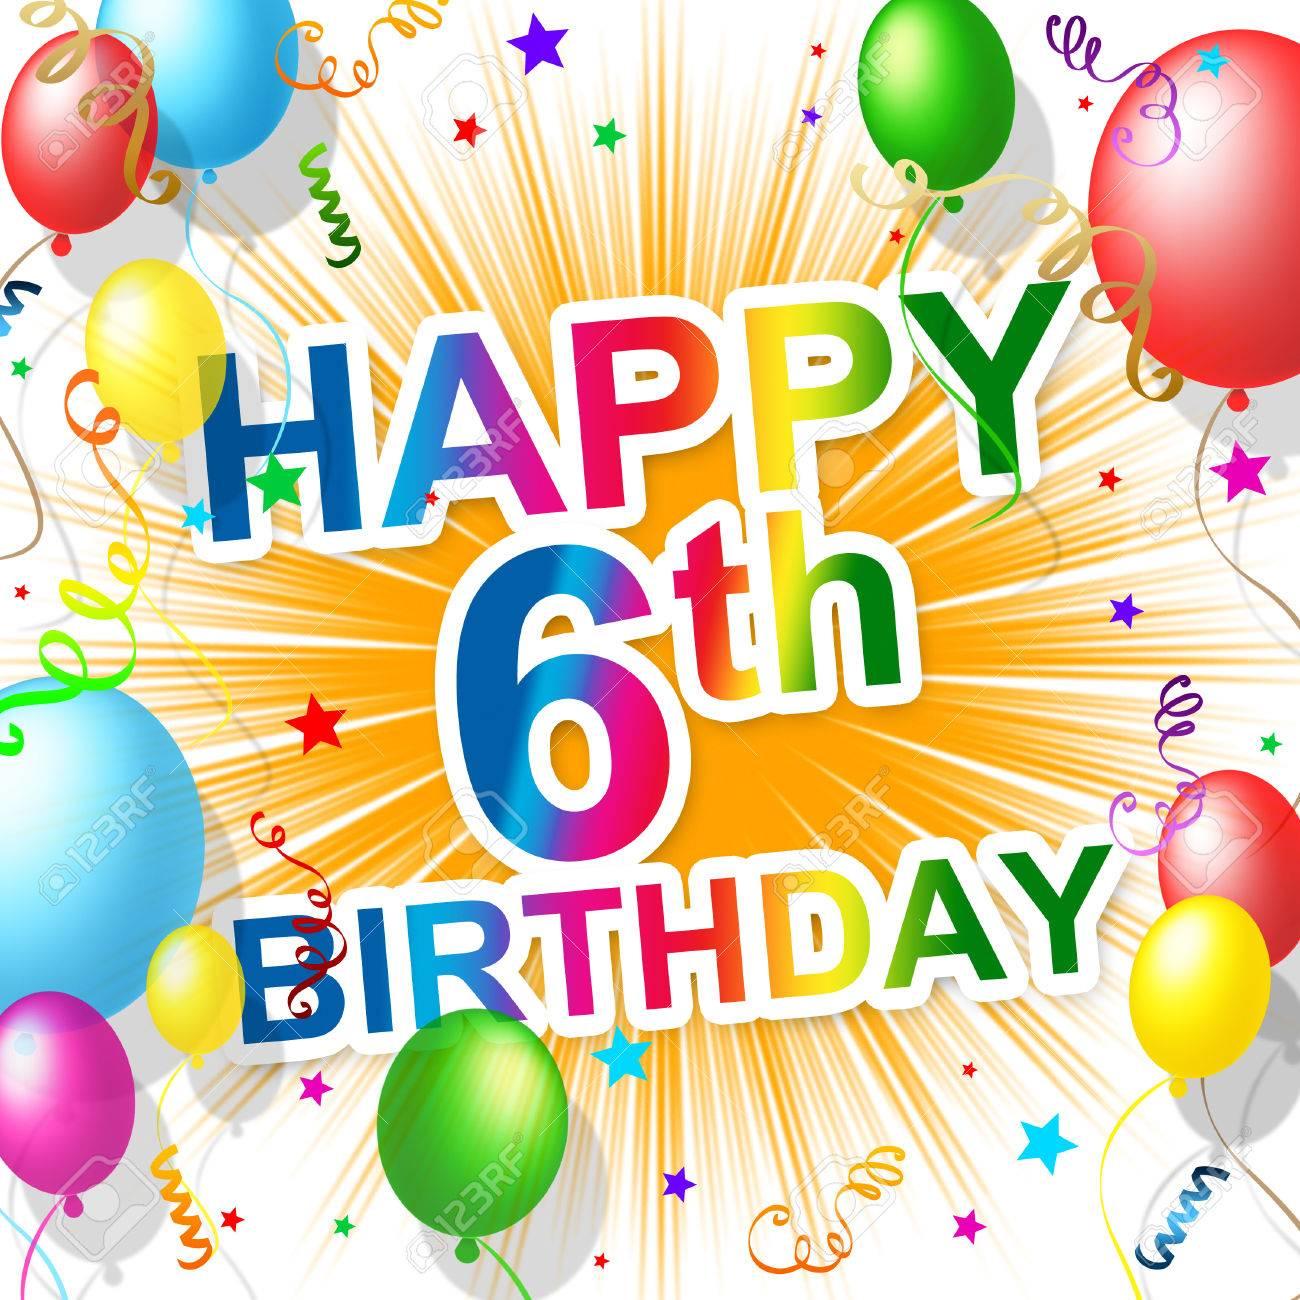 Sechster Geburtstag Anzeigegluckwunsches Und 6 Lizenzfreie Fotos